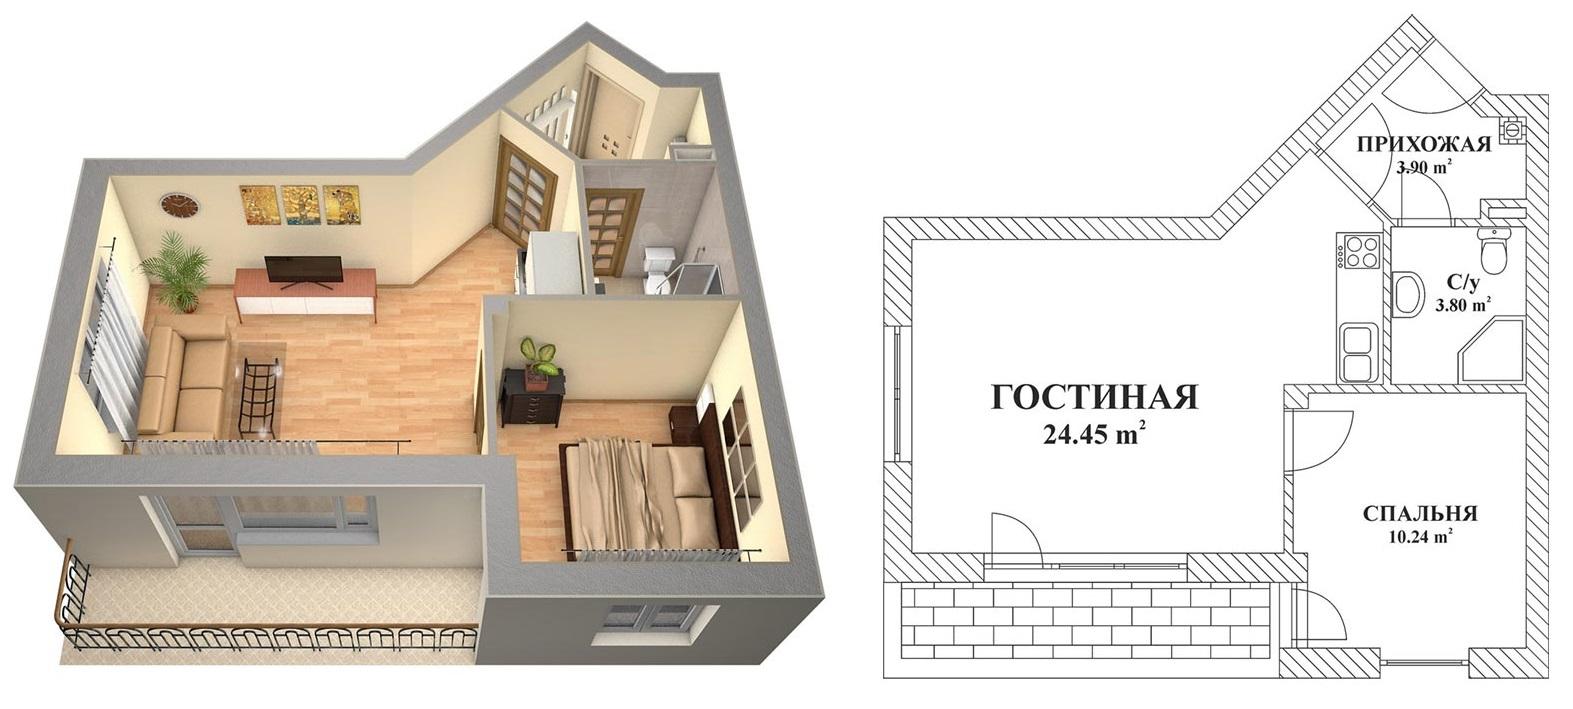 Ремонт квартир в Сергиевом Посаде Сравнить цены, купить